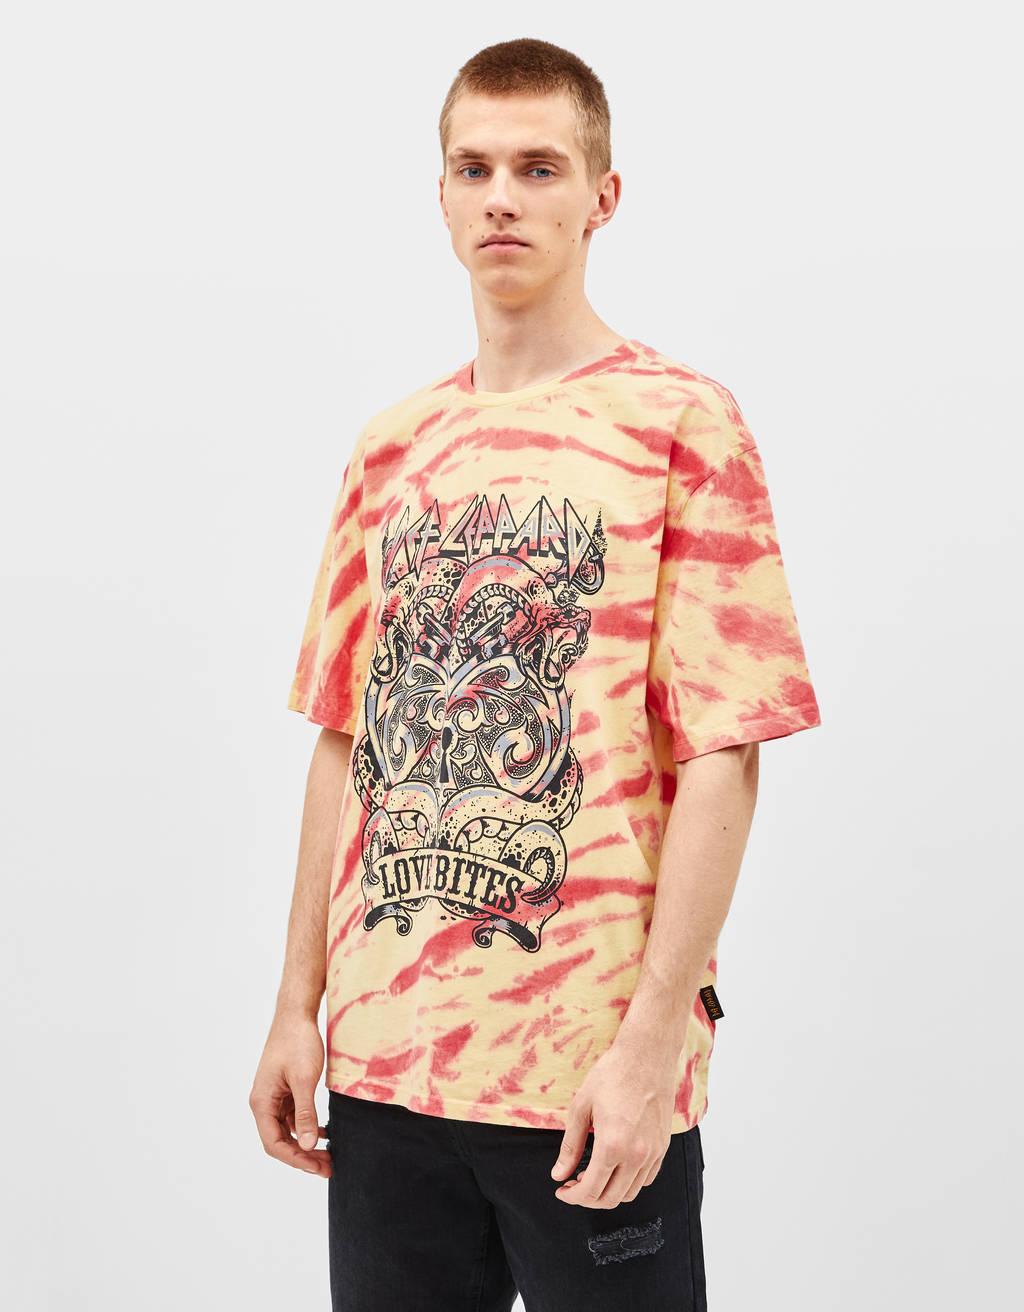 Majica s tie dye vzorcem in s 'Def Leppard' potiskom